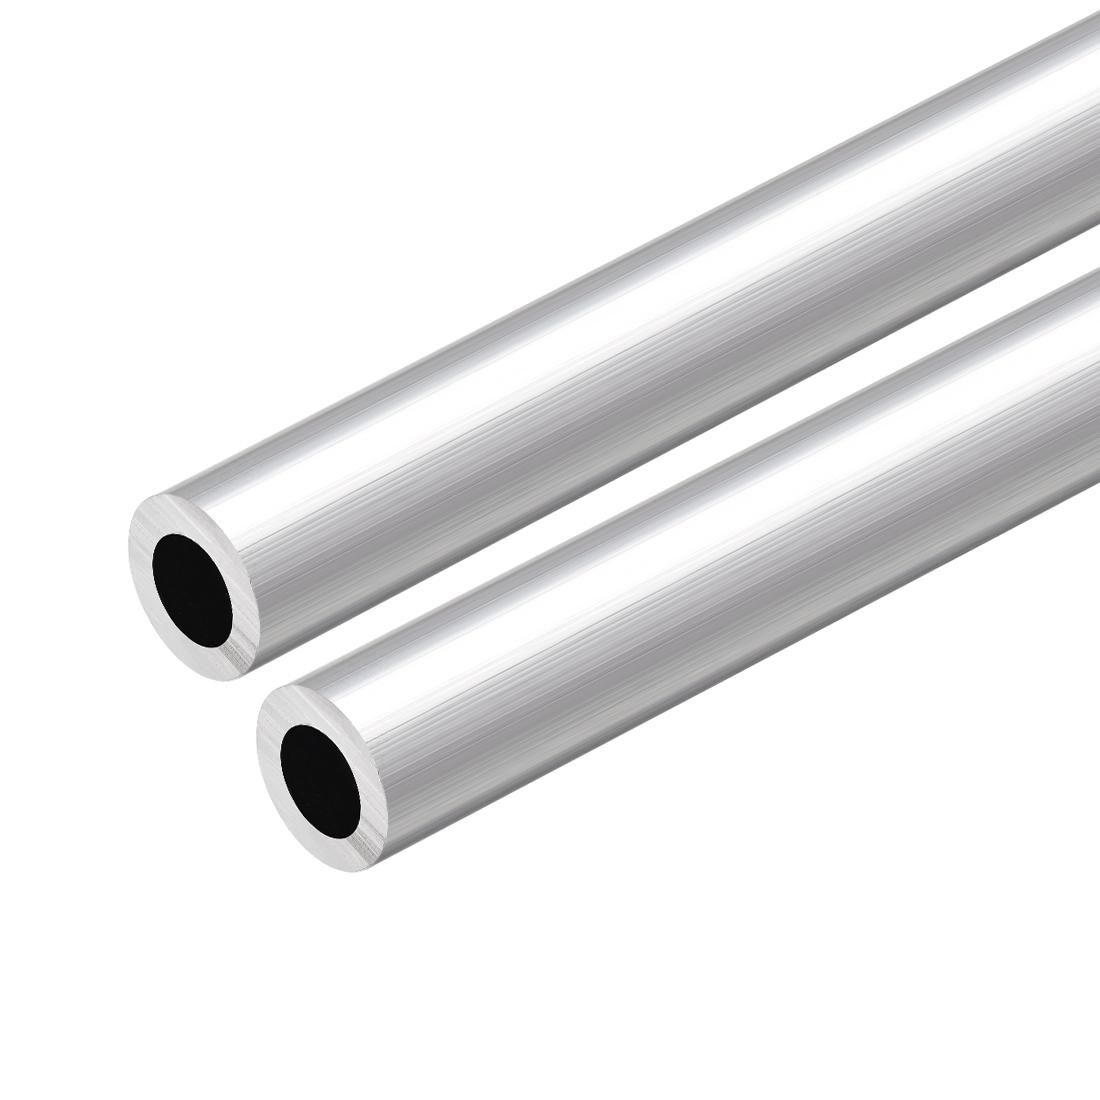 6063 Aluminum Round Tube 300mm Length 18mm OD 10mm Inner Dia Seamless Tube 2 Pcs